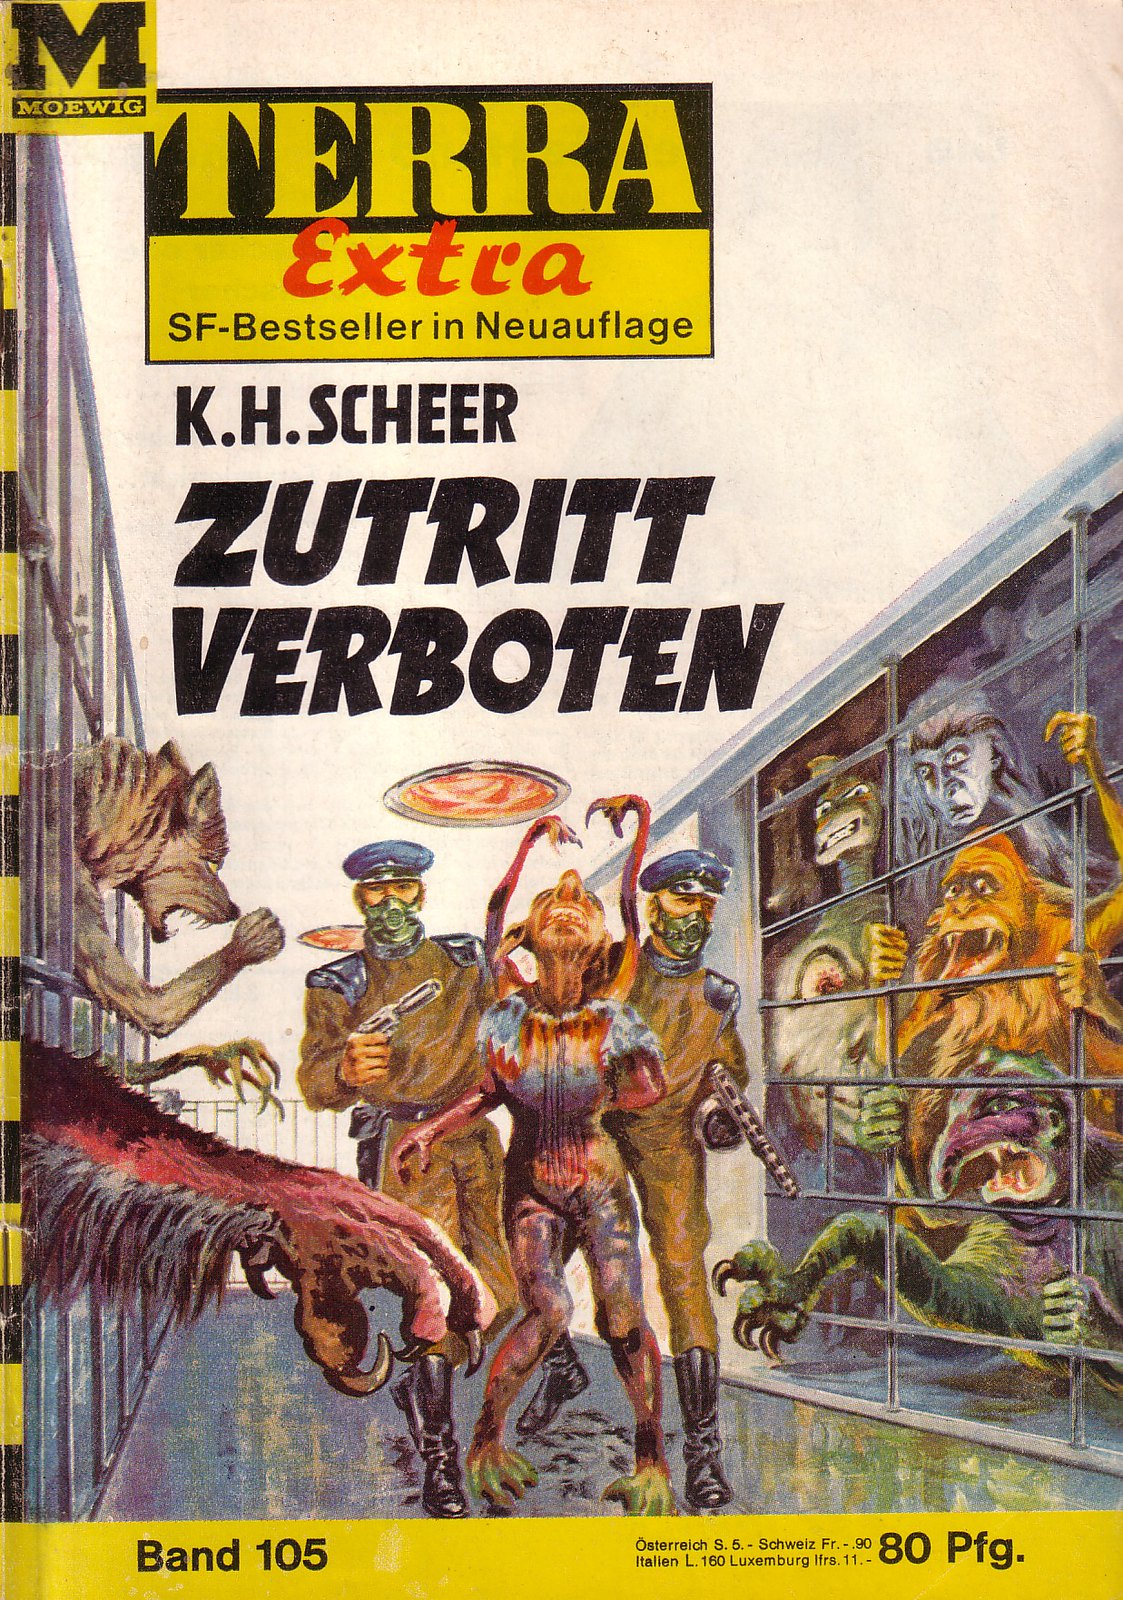 Великолепные обложки немецкого фантастического журнала Terra (21).jpg